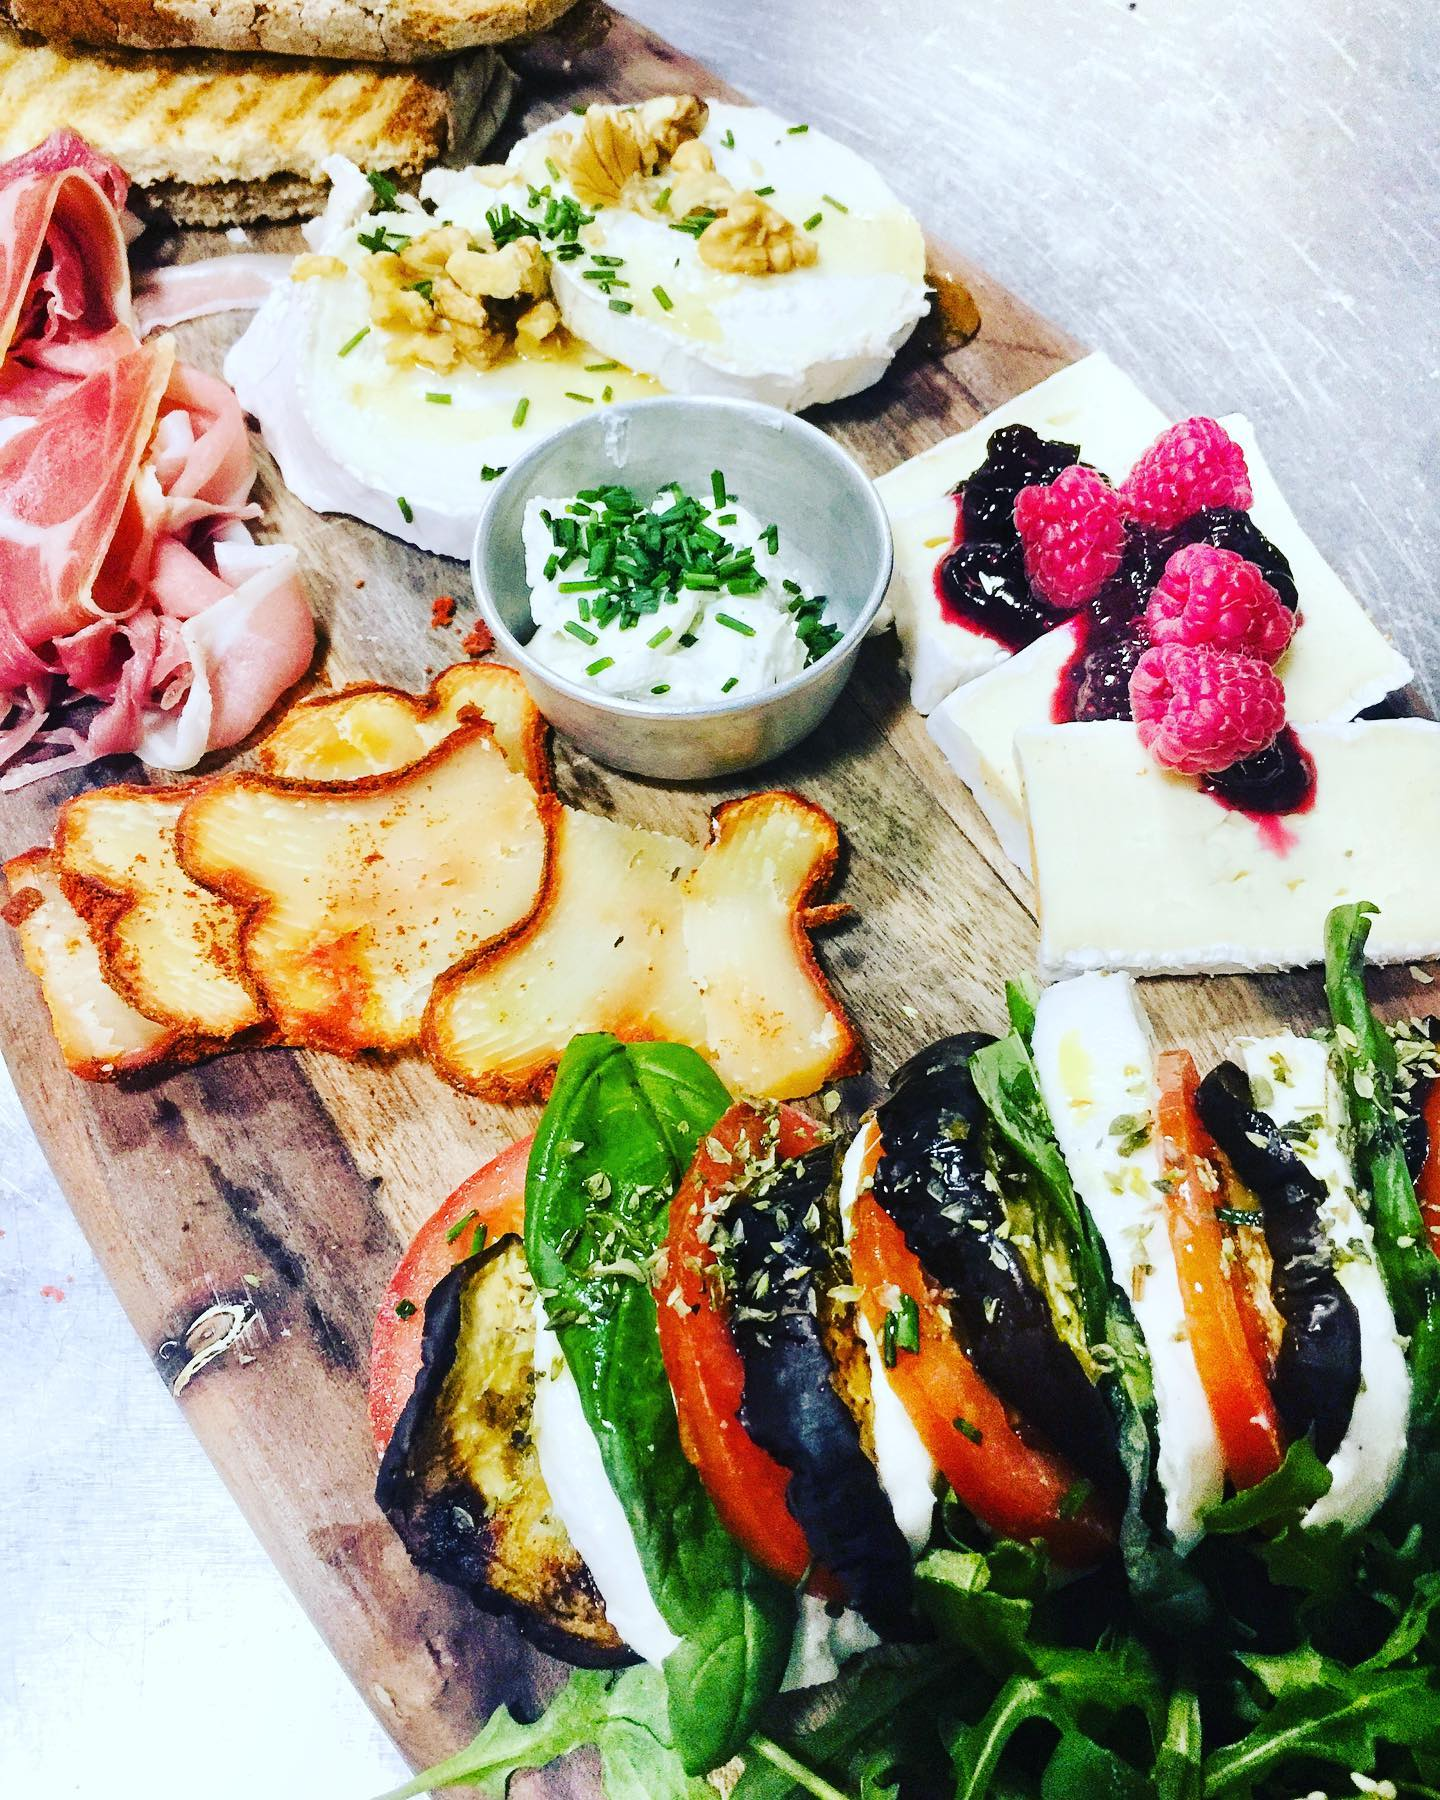 Tease Lisboa Healthy treats